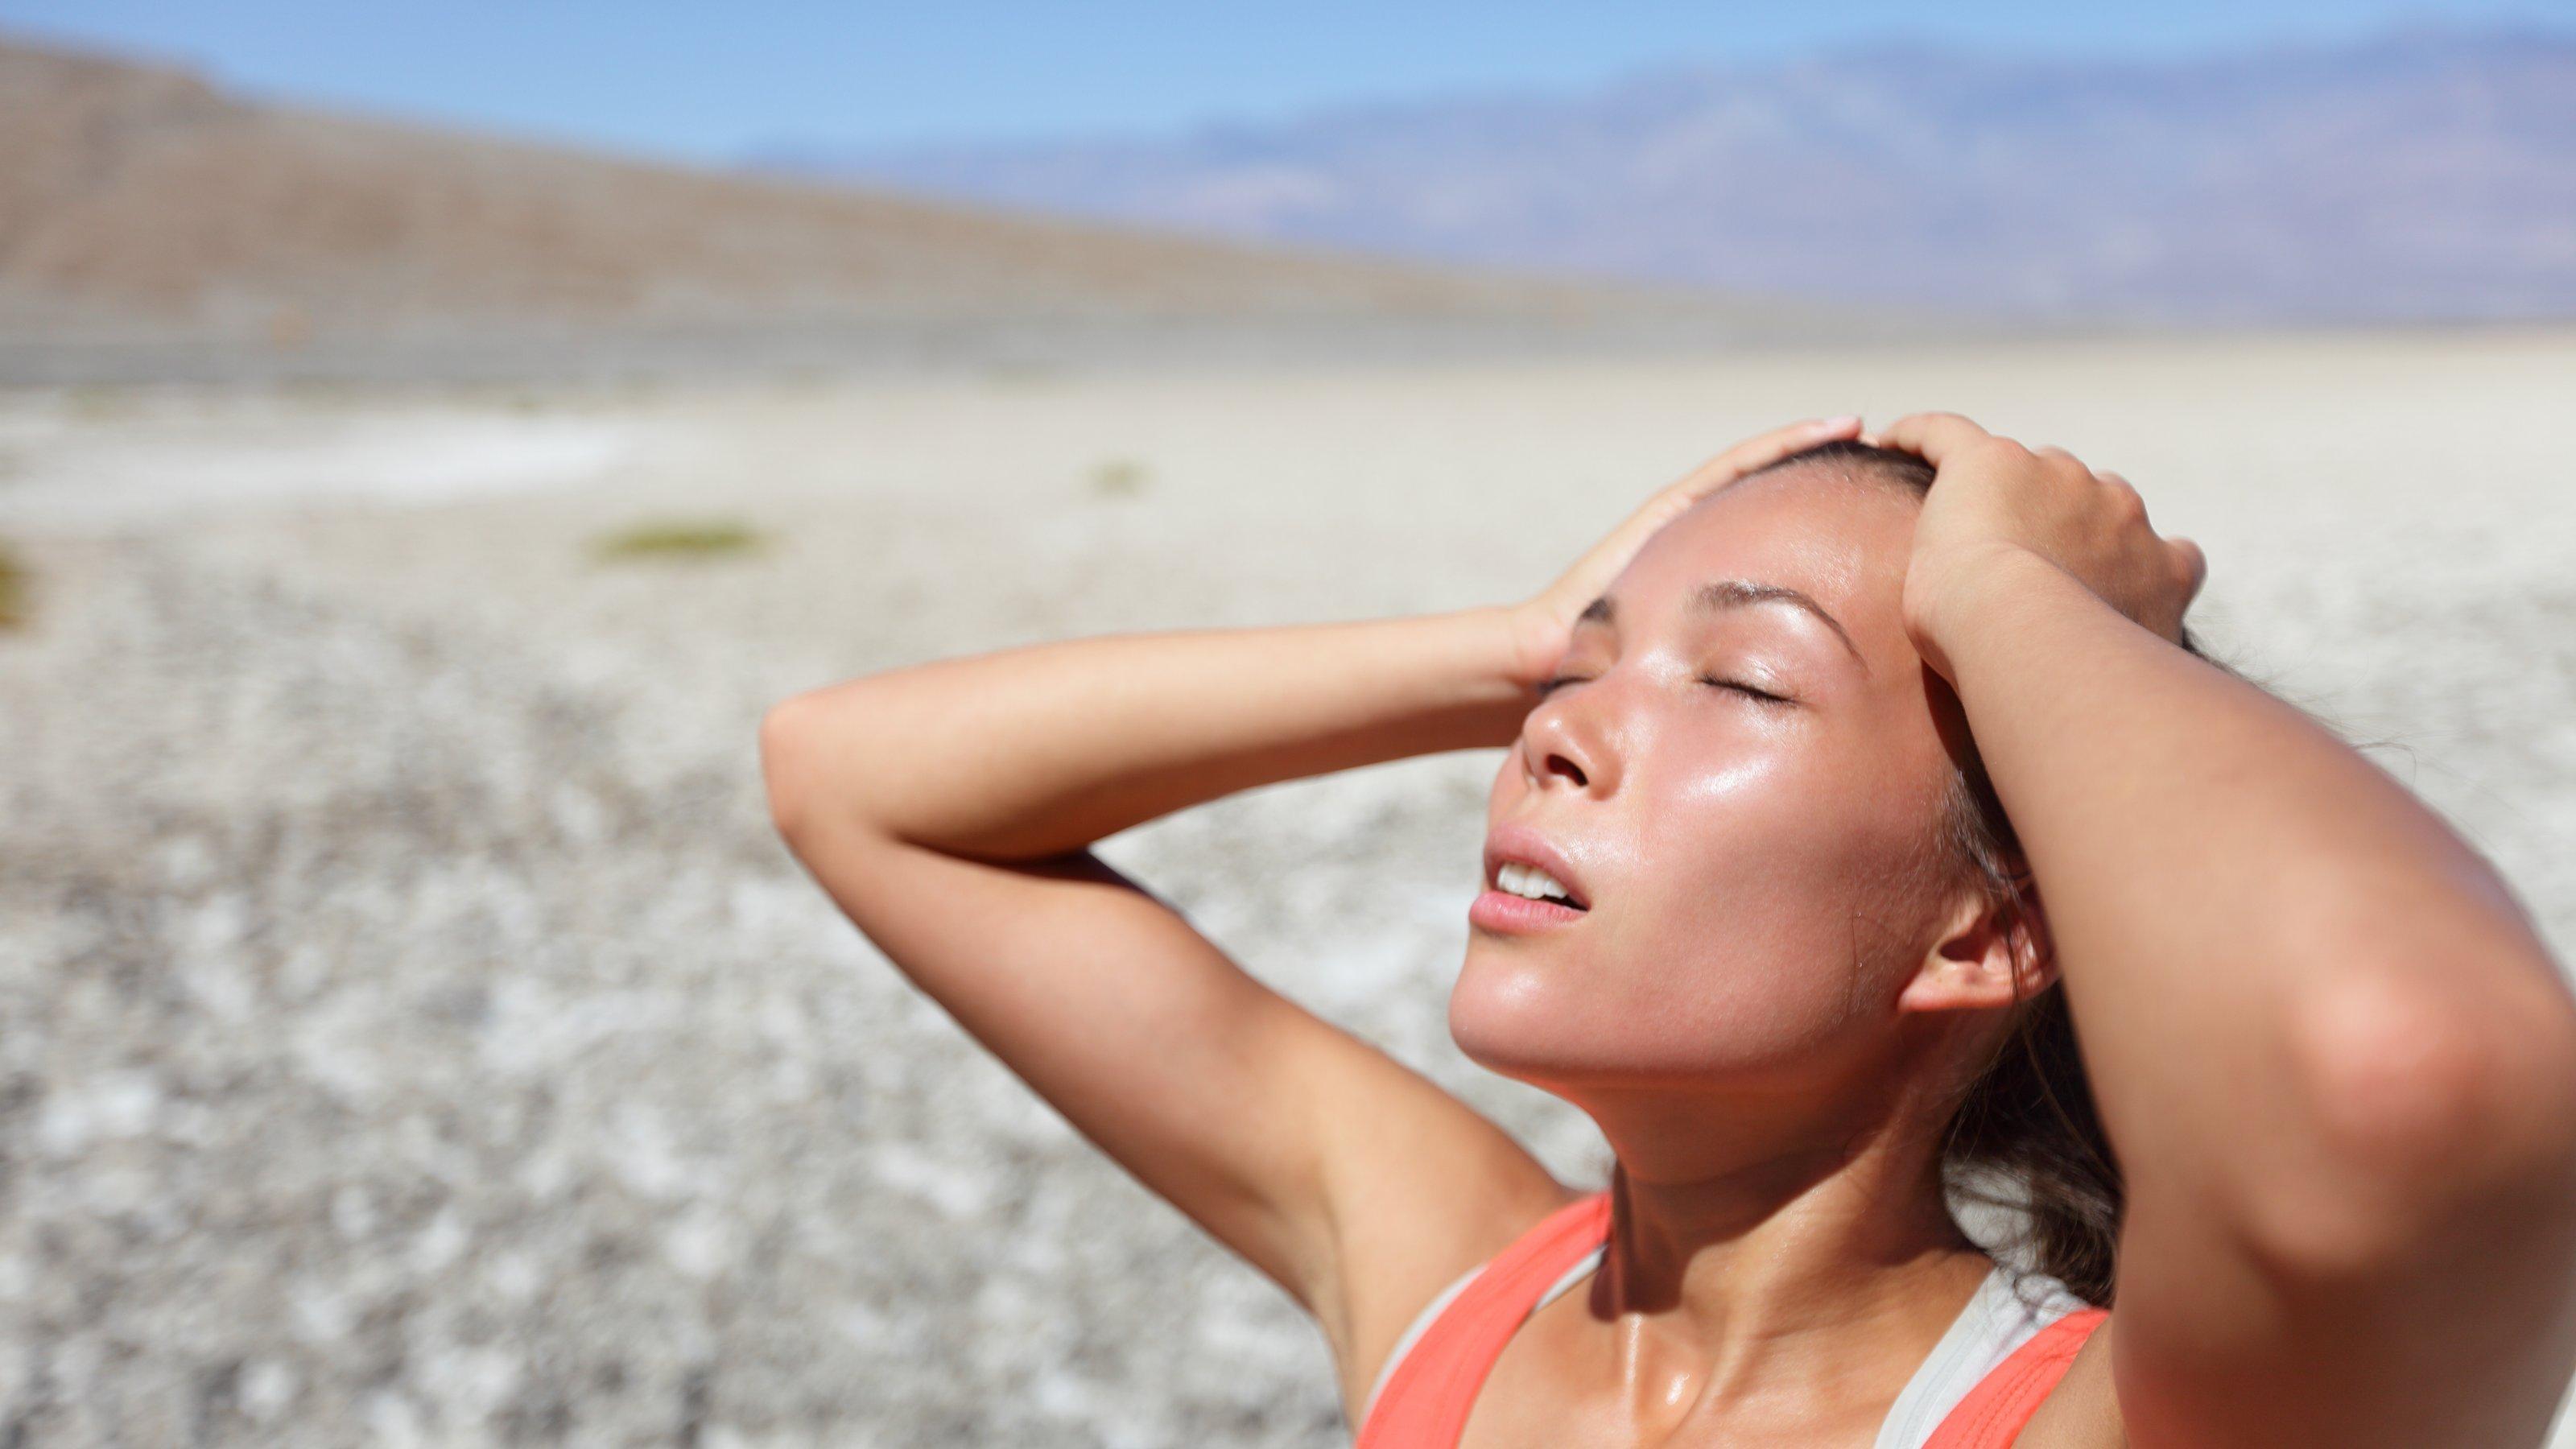 """Eine junge Frau in der Wüste """"Tal des Todes"""". Sie hat die Augen geschlossen, schwitzt, hält die Hände an den Kopf und sieht erschöpft aus. Ihr Mund ist leicht geöffnet und das Gesicht von der Sonne beschienen."""